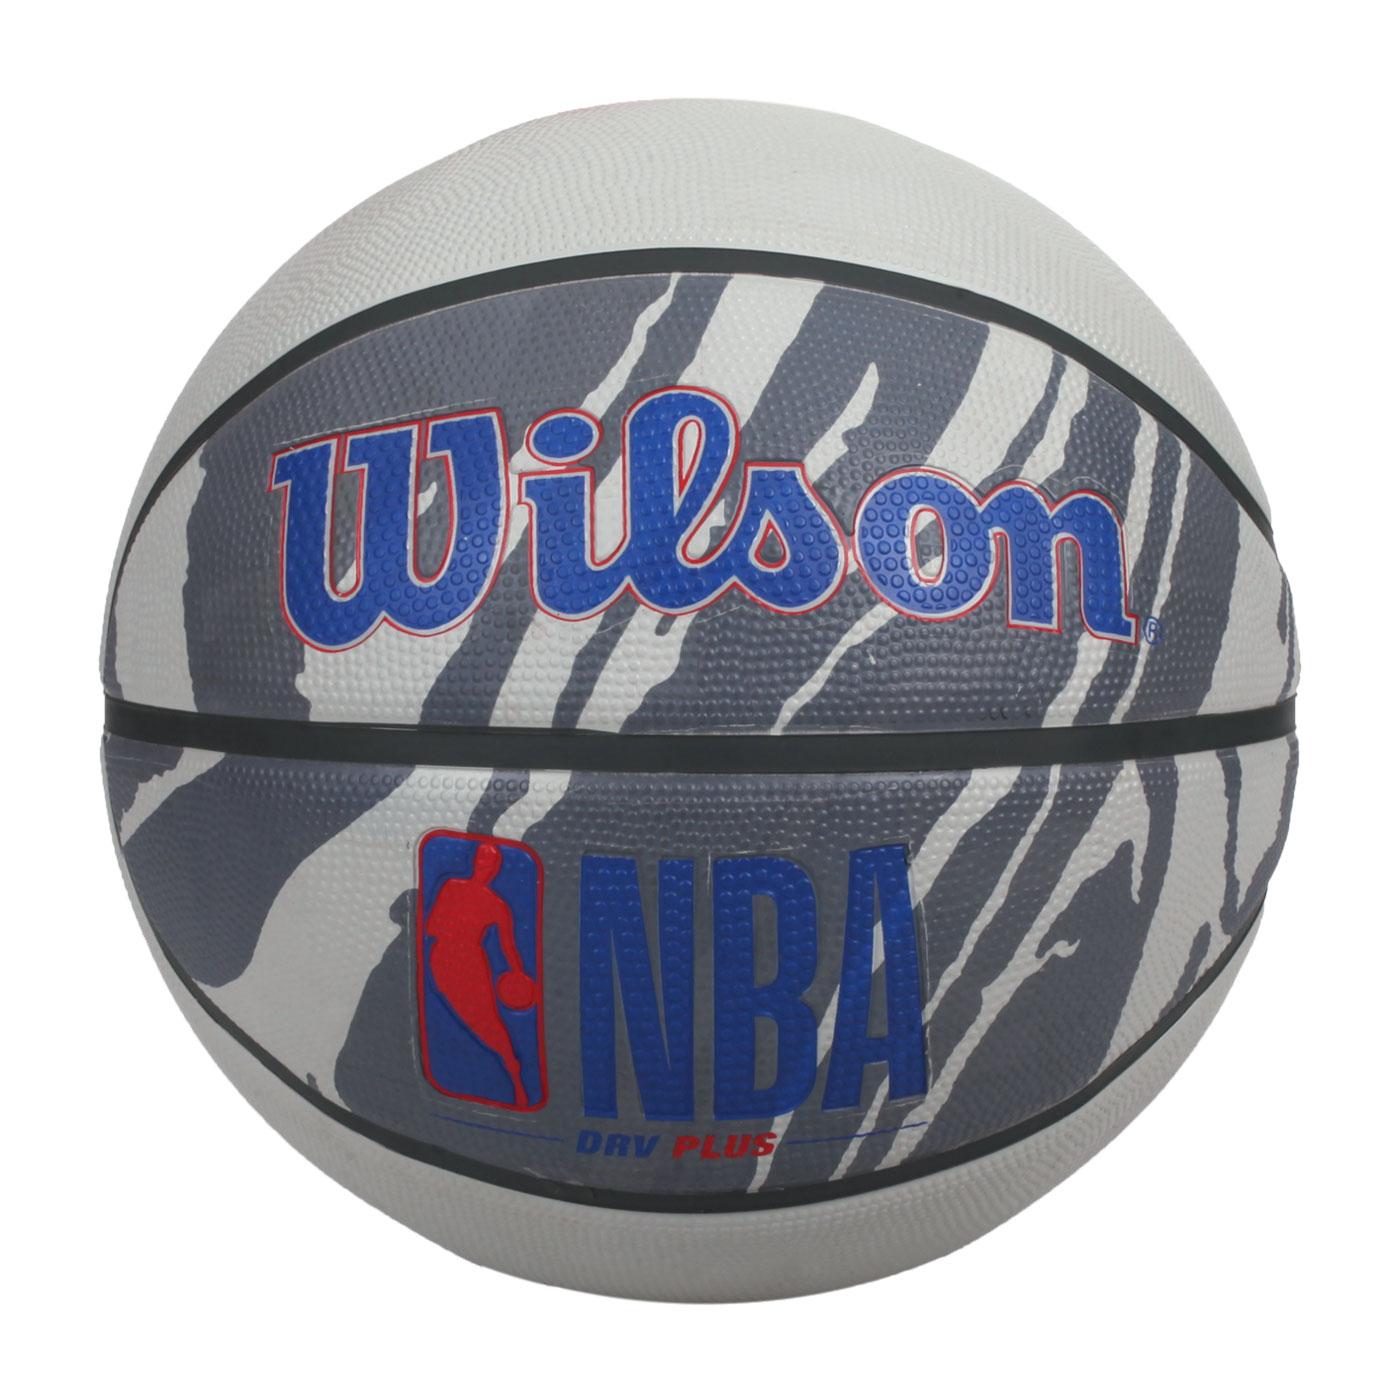 WILSON NBA DRV系列PLUS 橡膠籃球#7 WTB9202XB07